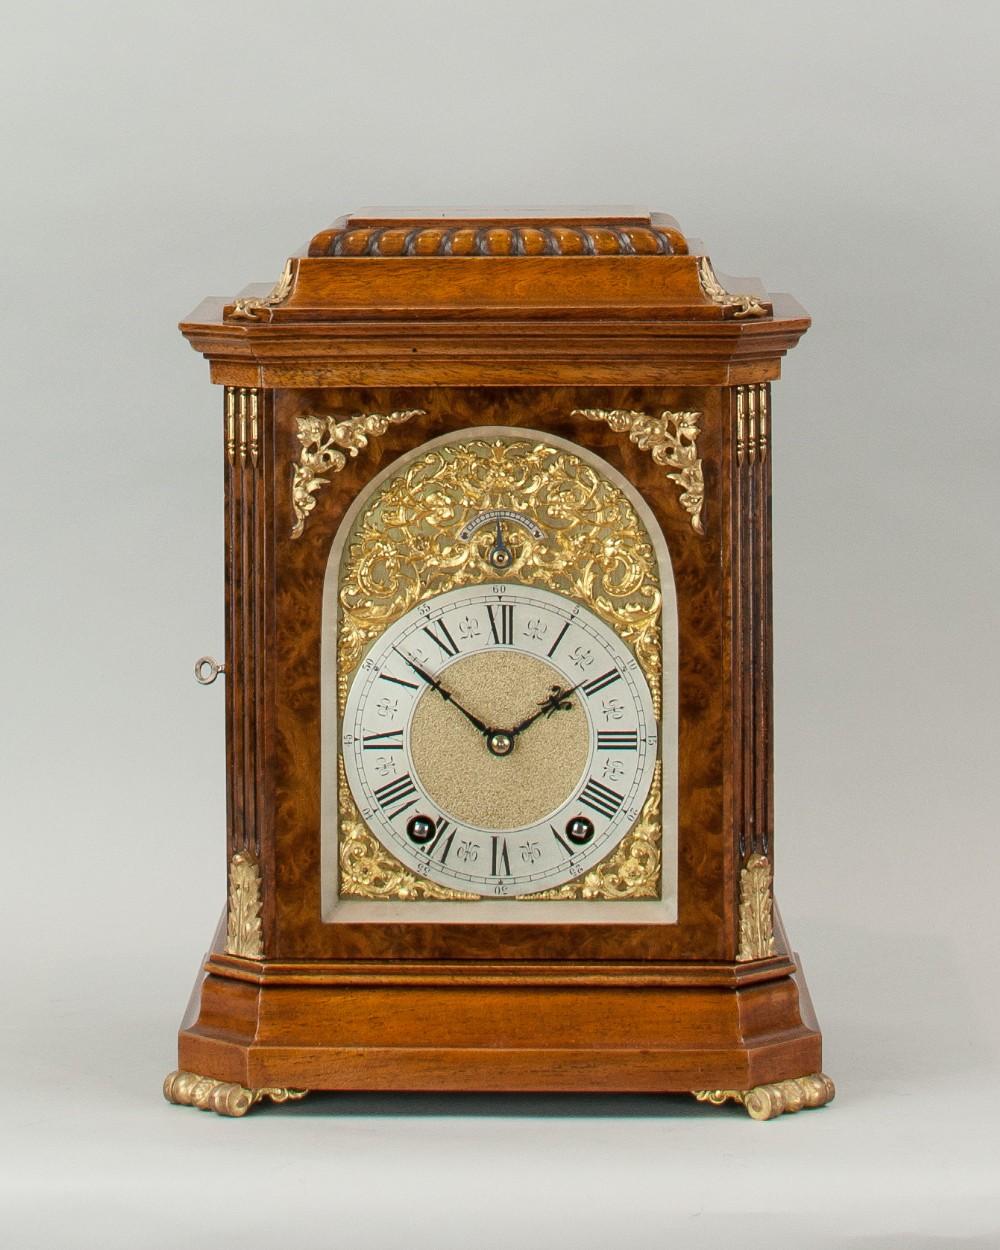 a fine quality burr walnut bracket mantel clock by lenzkirch